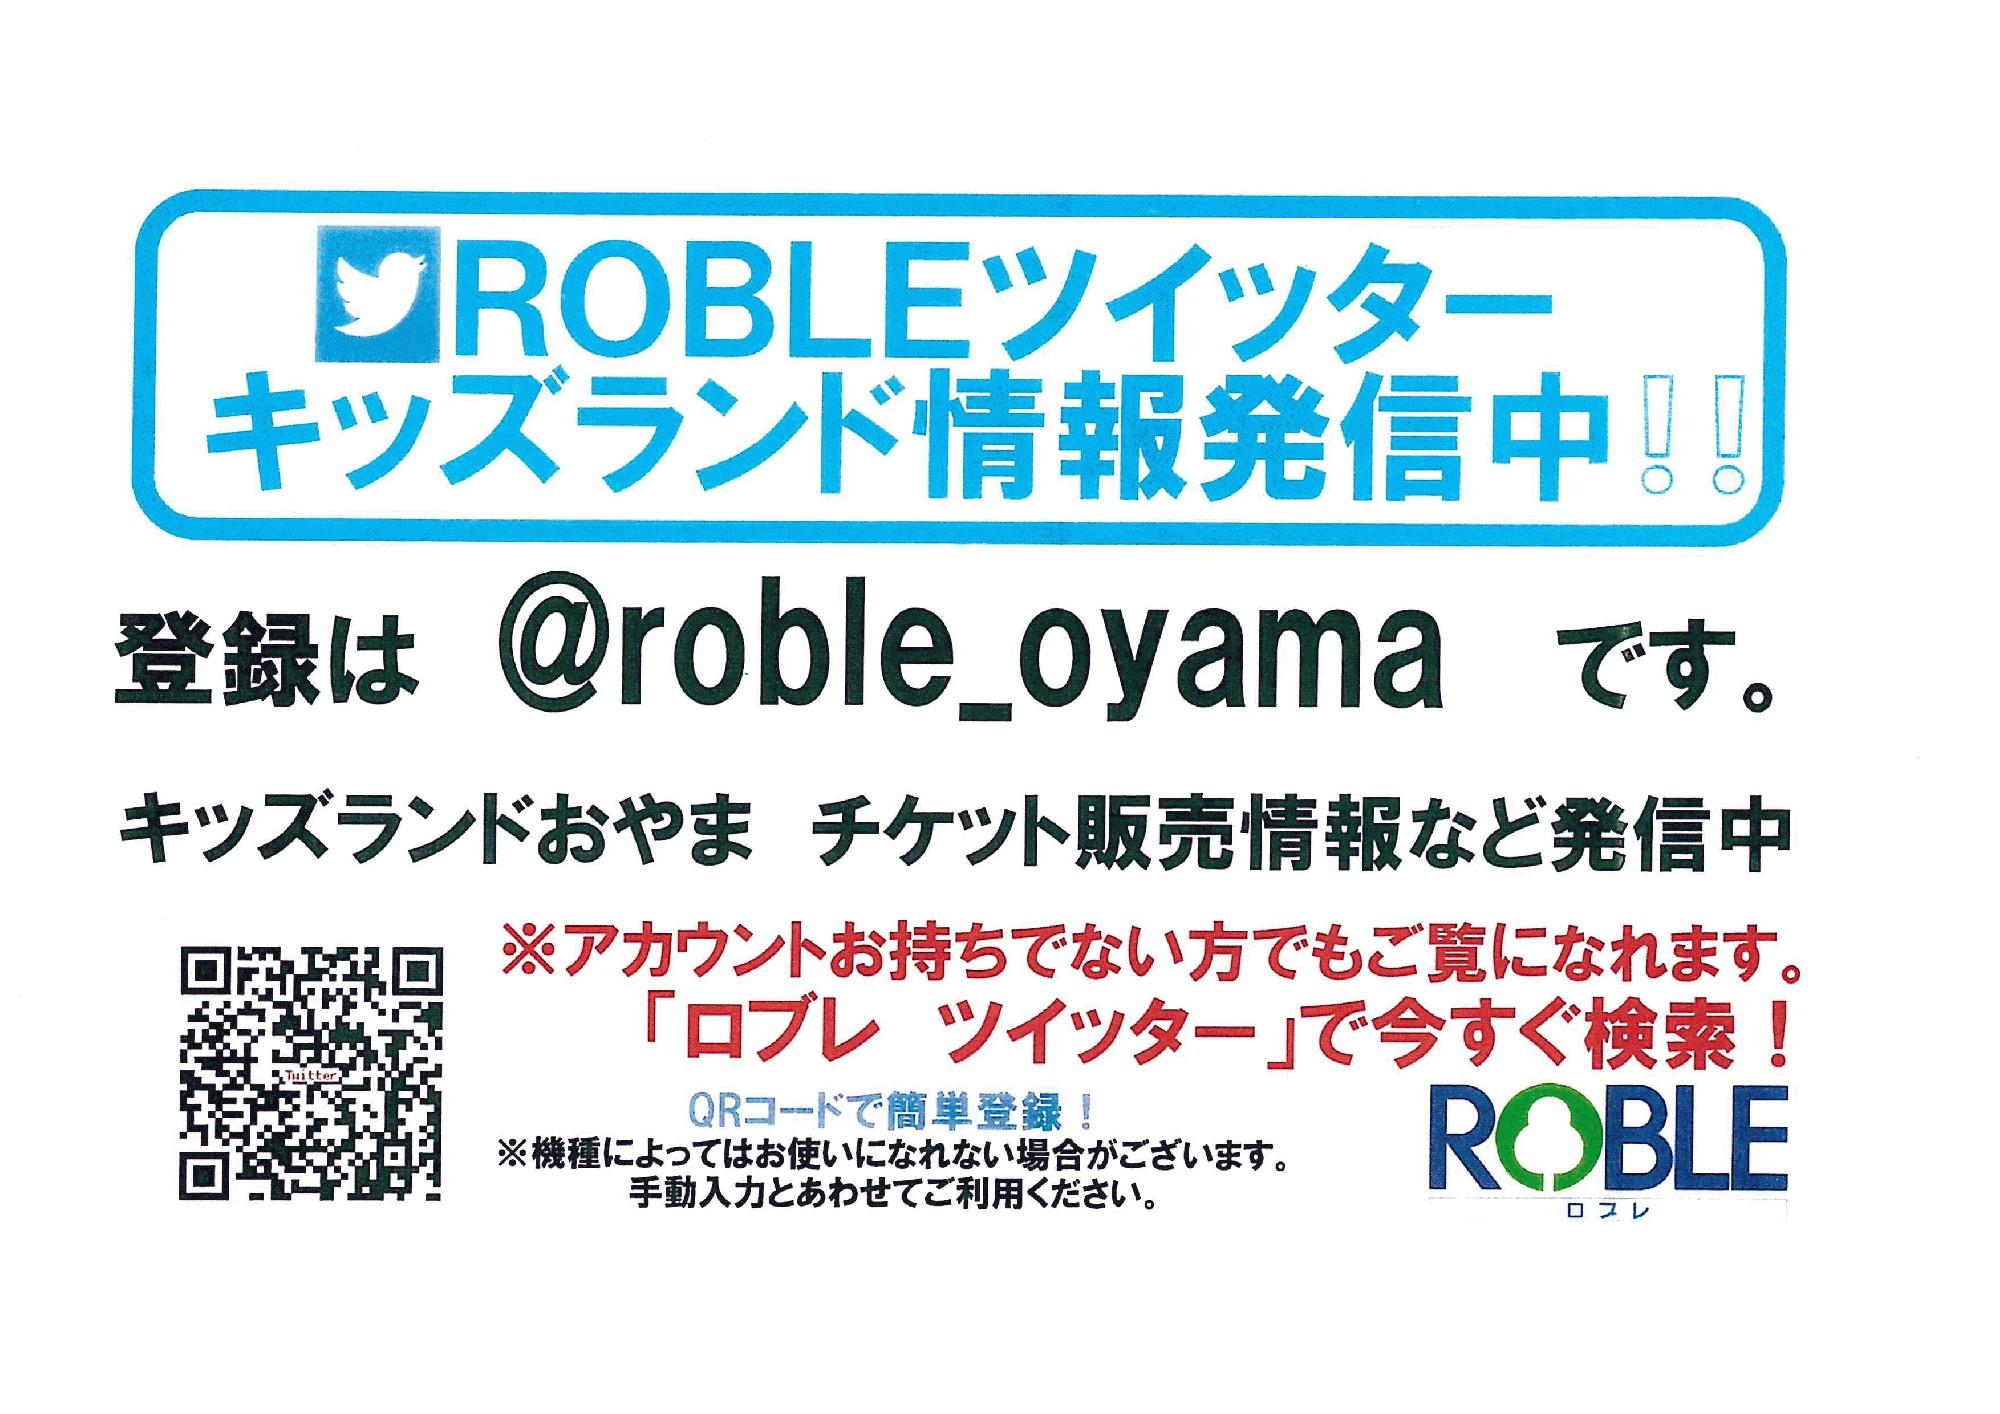 ロブレのお得な情報をツイッターで発信中